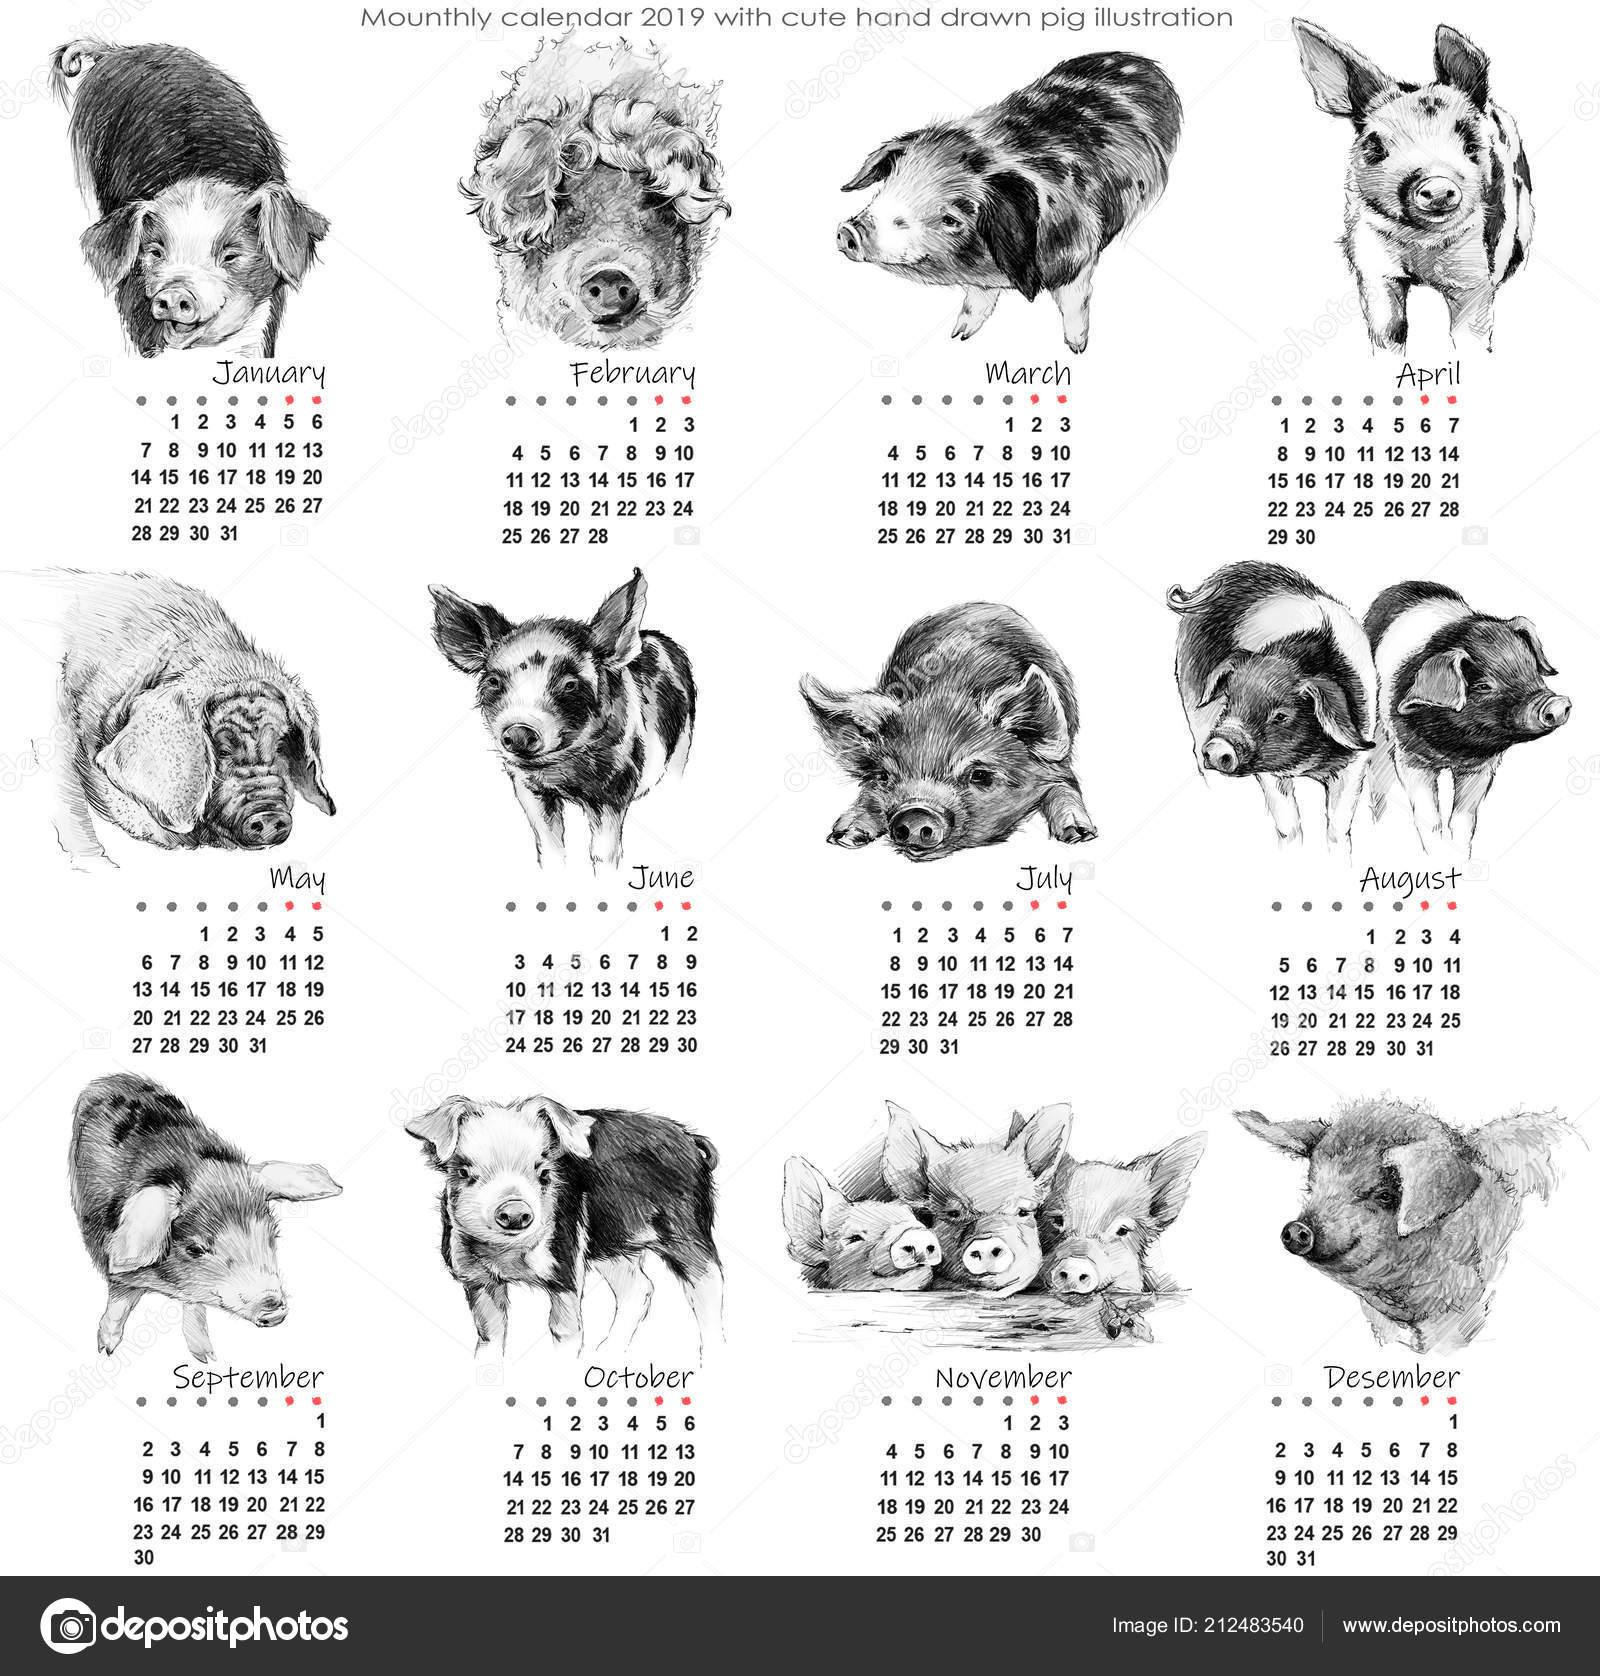 Calendario Giugno Luglio Agosto 2019.Calendario 2019 Calendario Mensile Carino Con Illustrazione